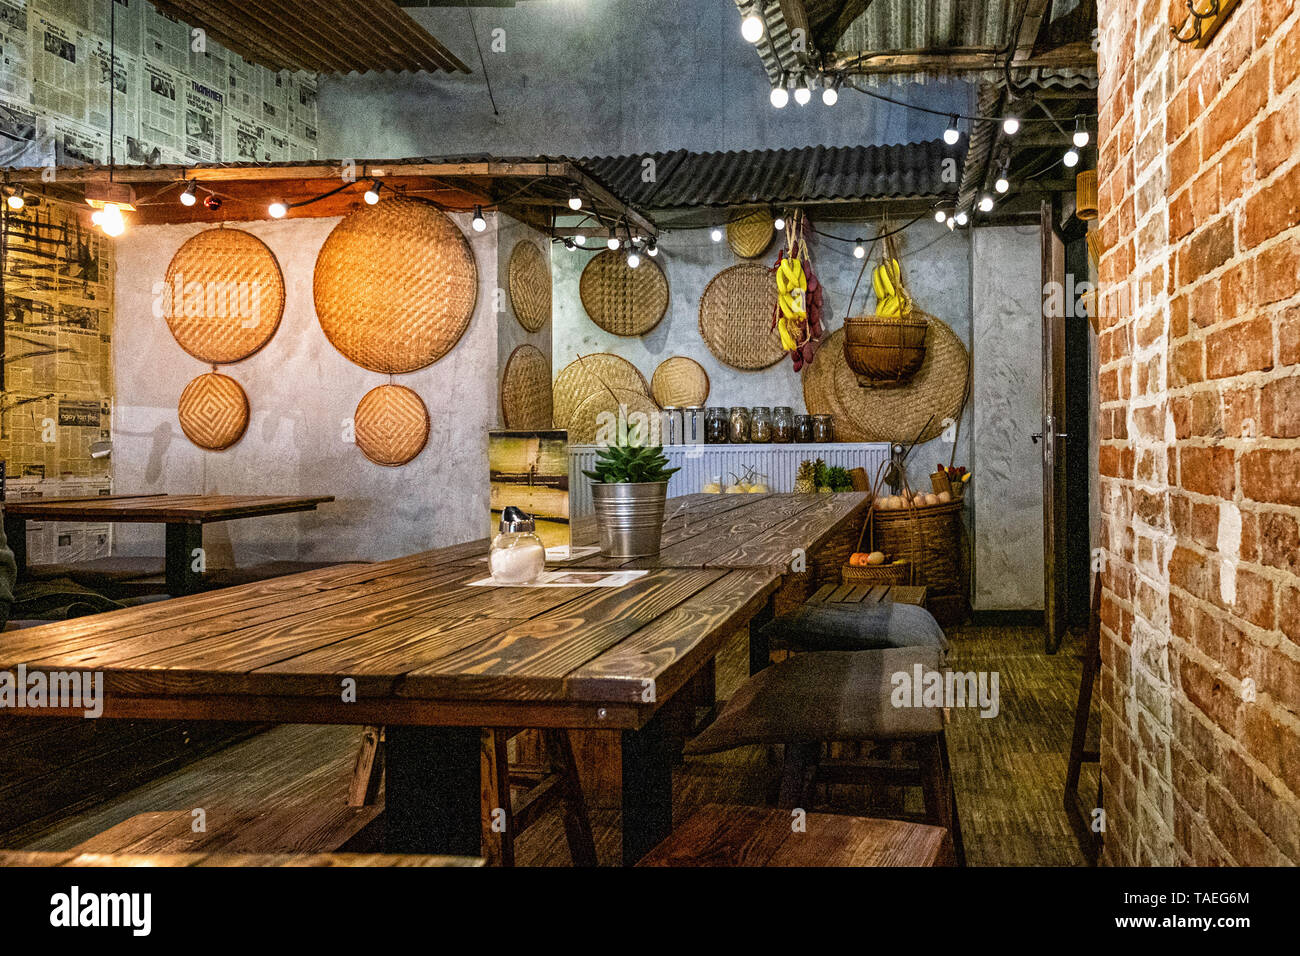 Fam Dang Vietnamese restaurant interior in Torstasse, Mitte-Berlin. Stock Photo